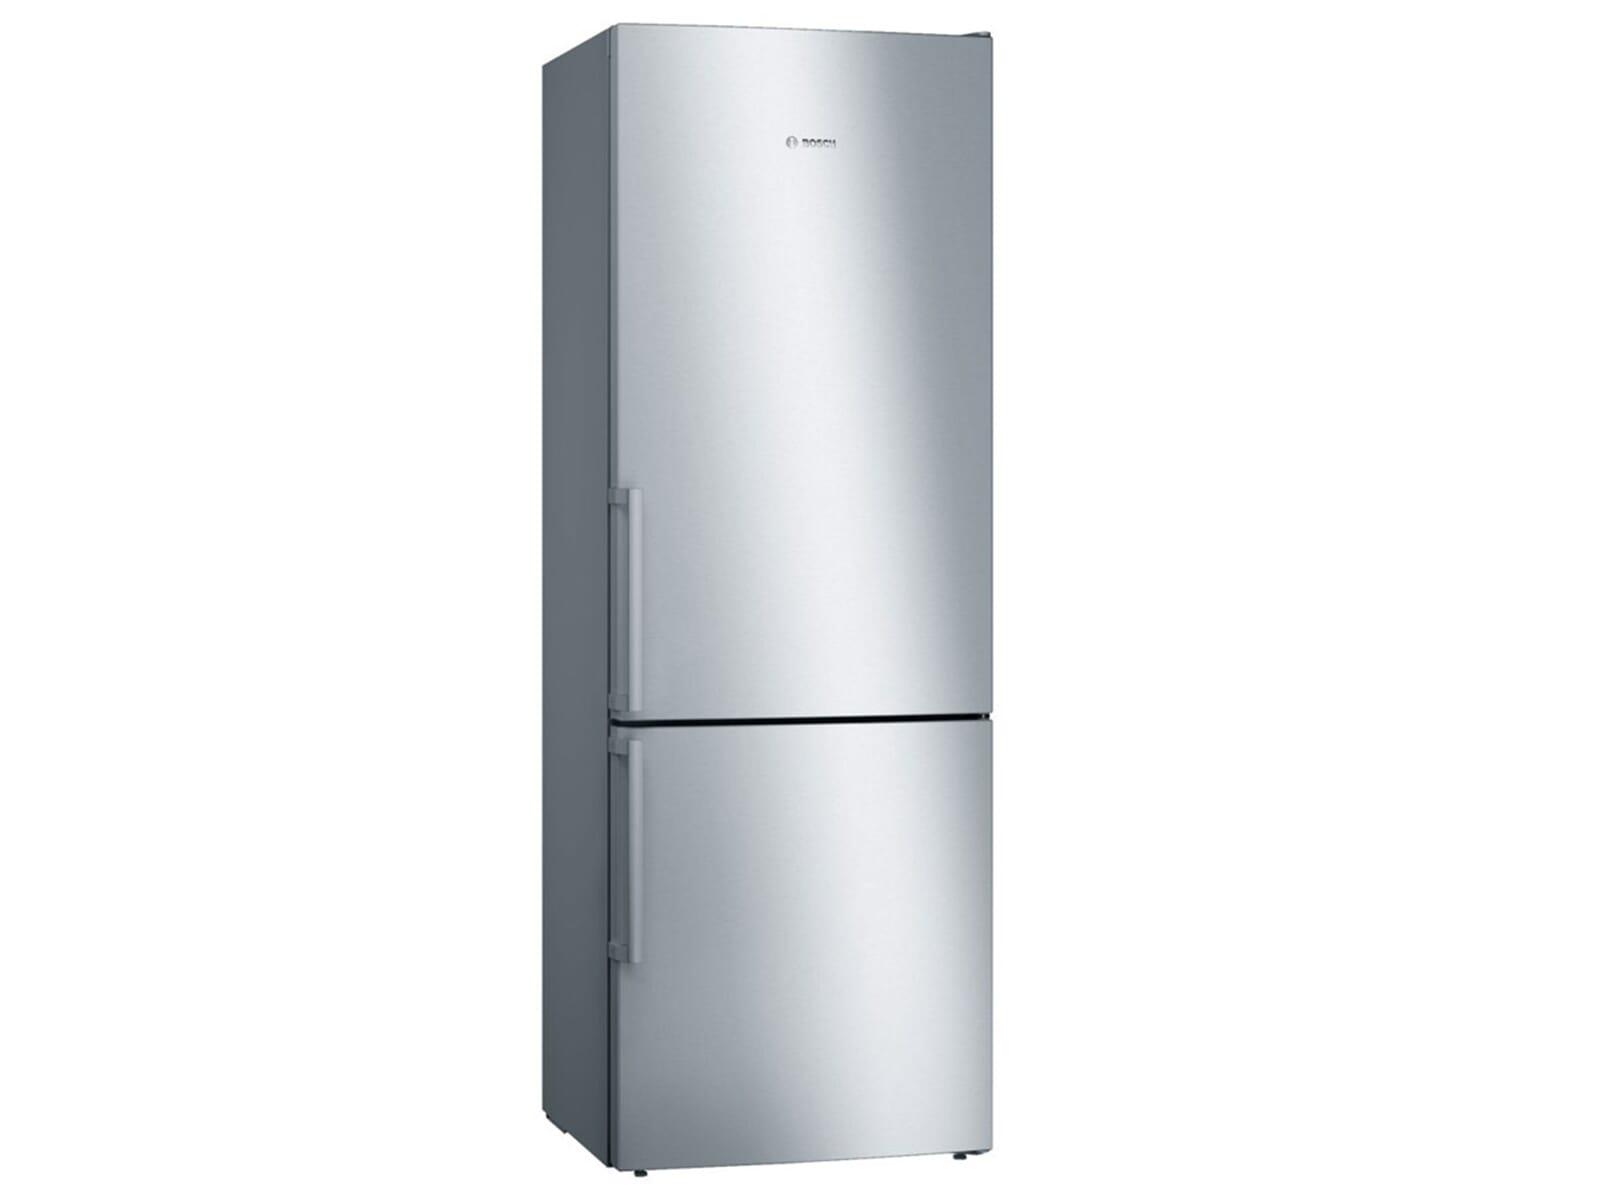 Amica Kühlschrank Tür Wechseln : Kühlschrank schlepptür einstellen kühlschrank modelle